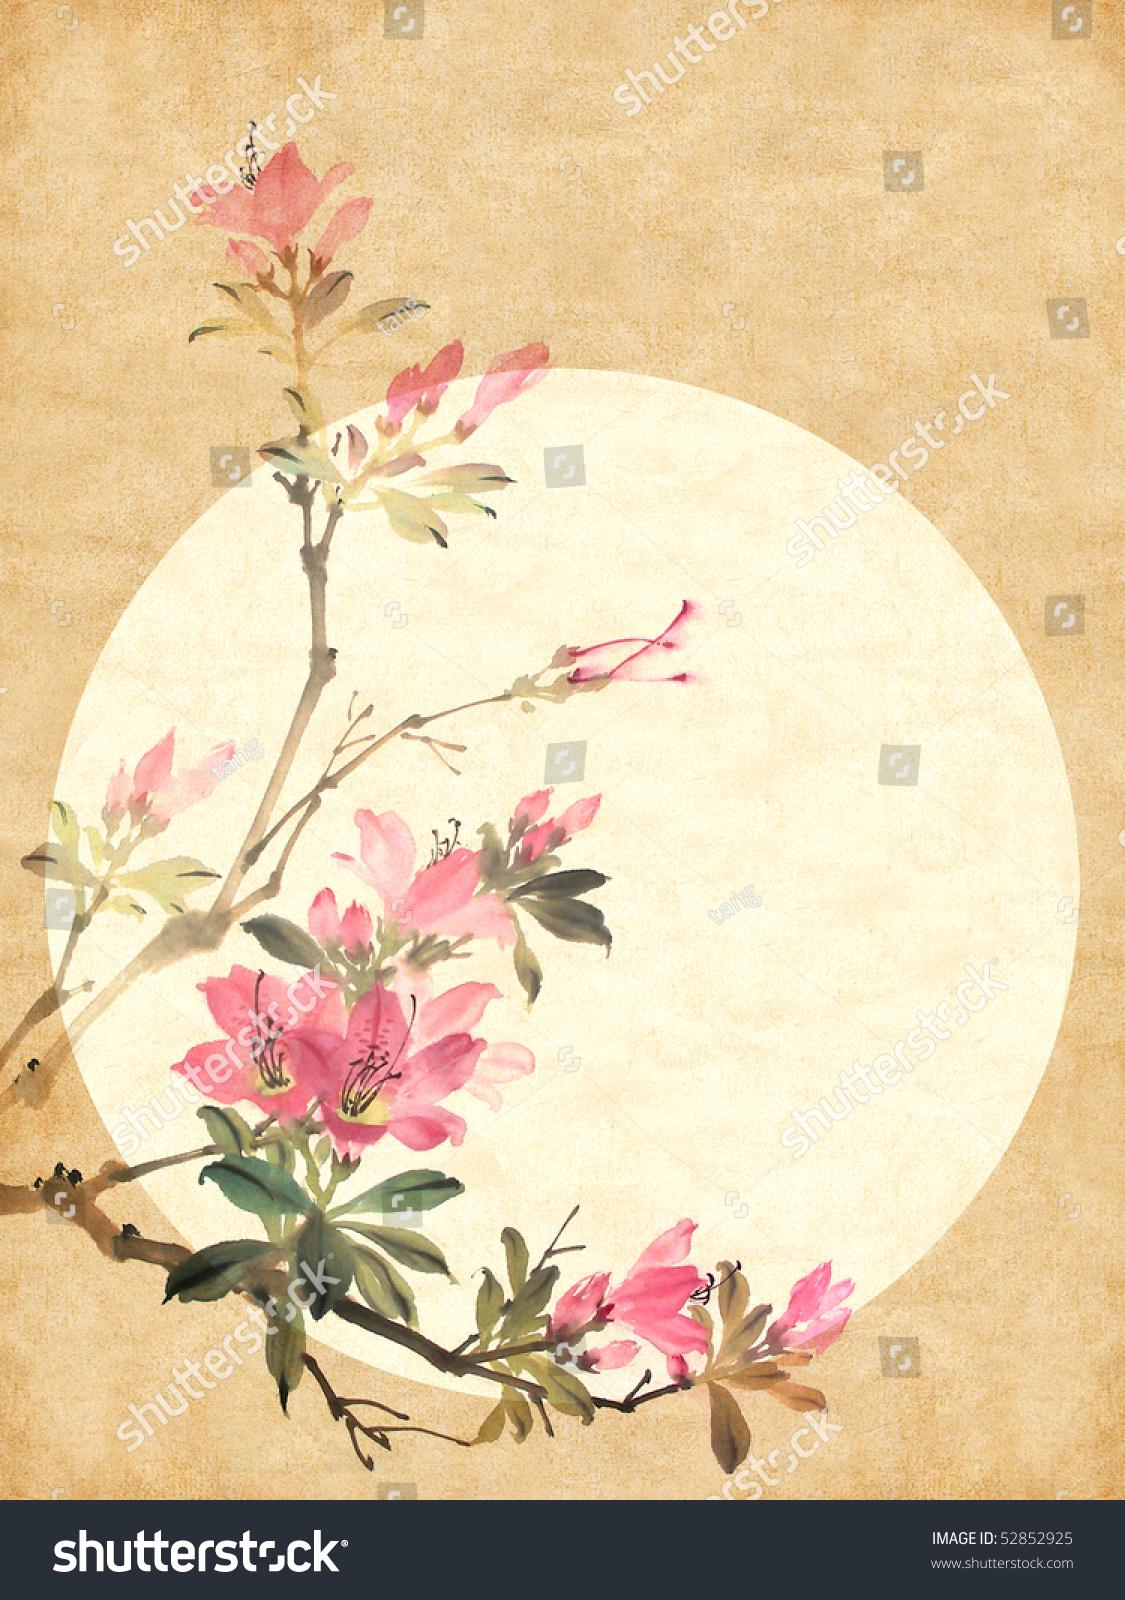 中中国画的红色杜鹃花花-背景/素材,物体-海洛创意()